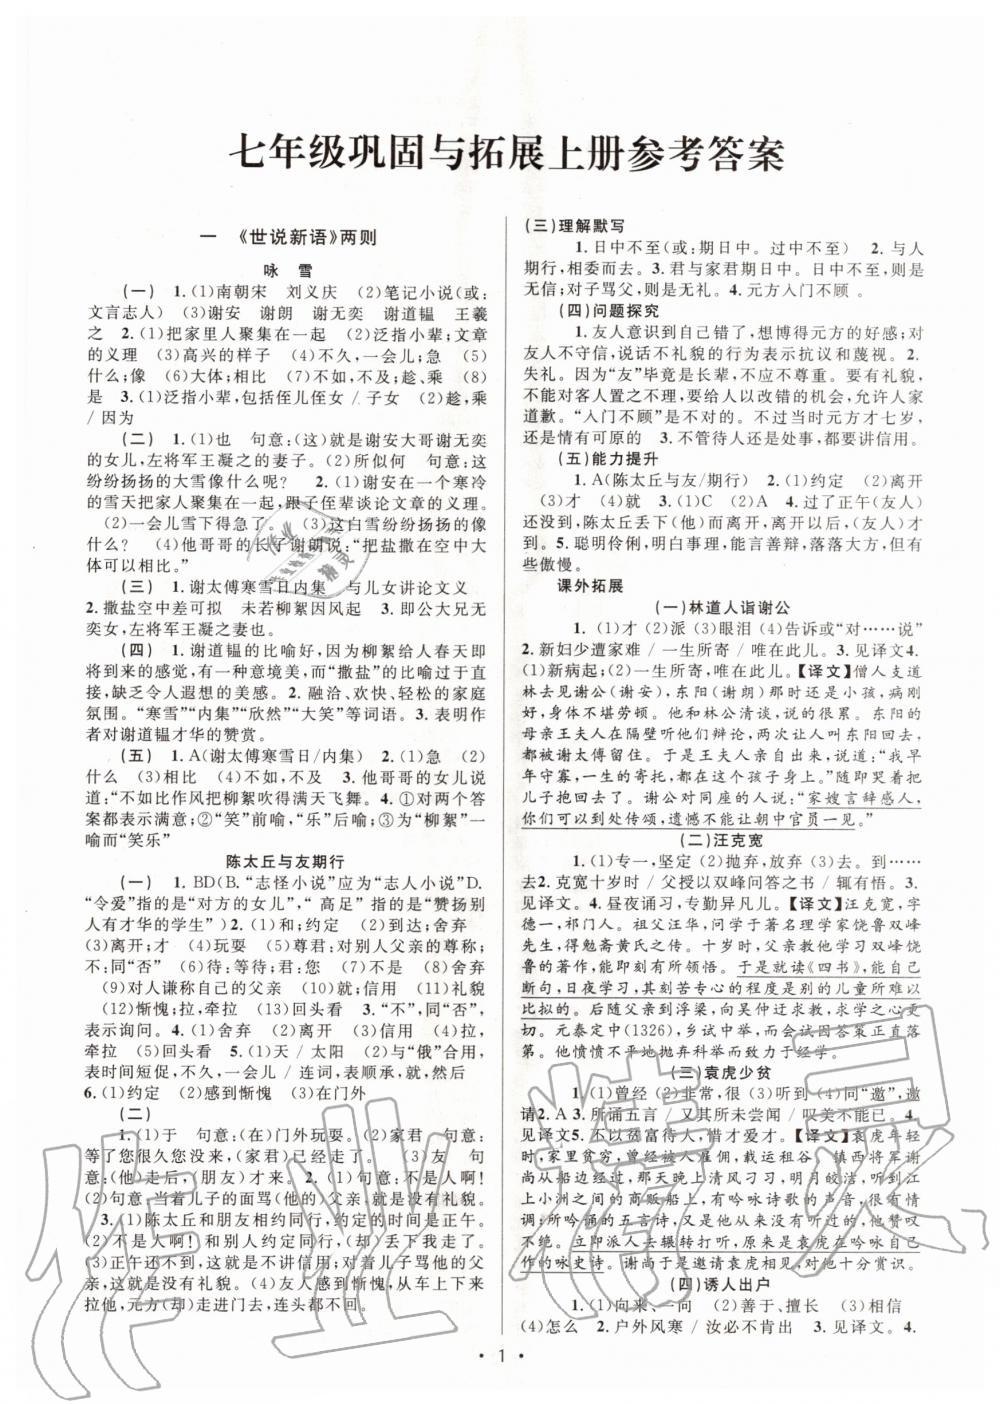 2020年初中文言文课内外巩固与拓展七年级上册人教版第1页